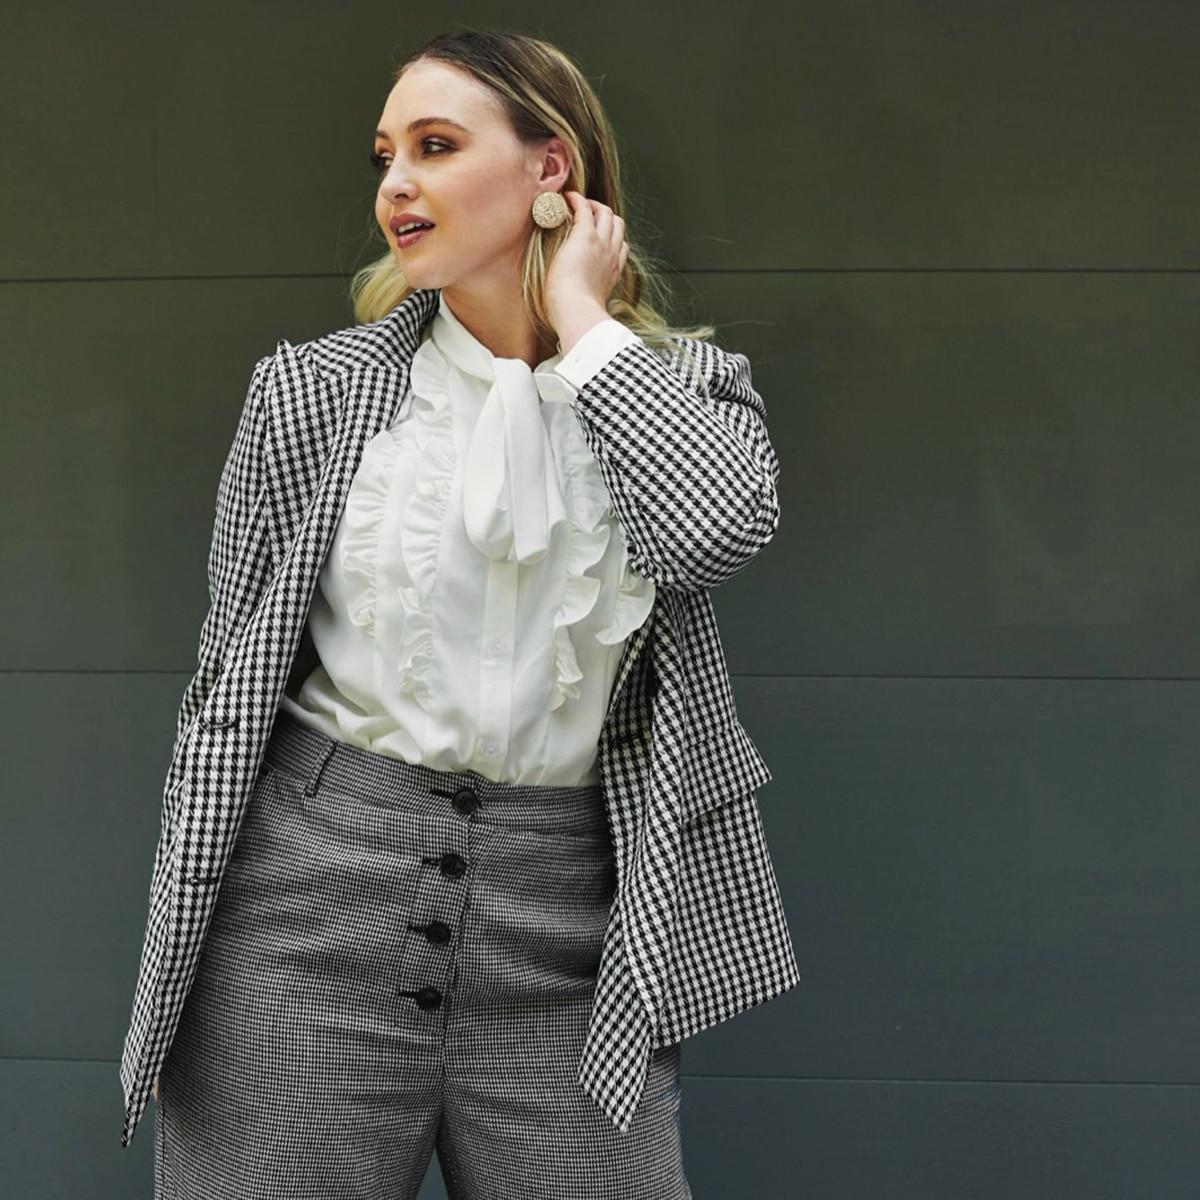 Двубортный пиджак размера плюс с узором хаунстута и лацканом